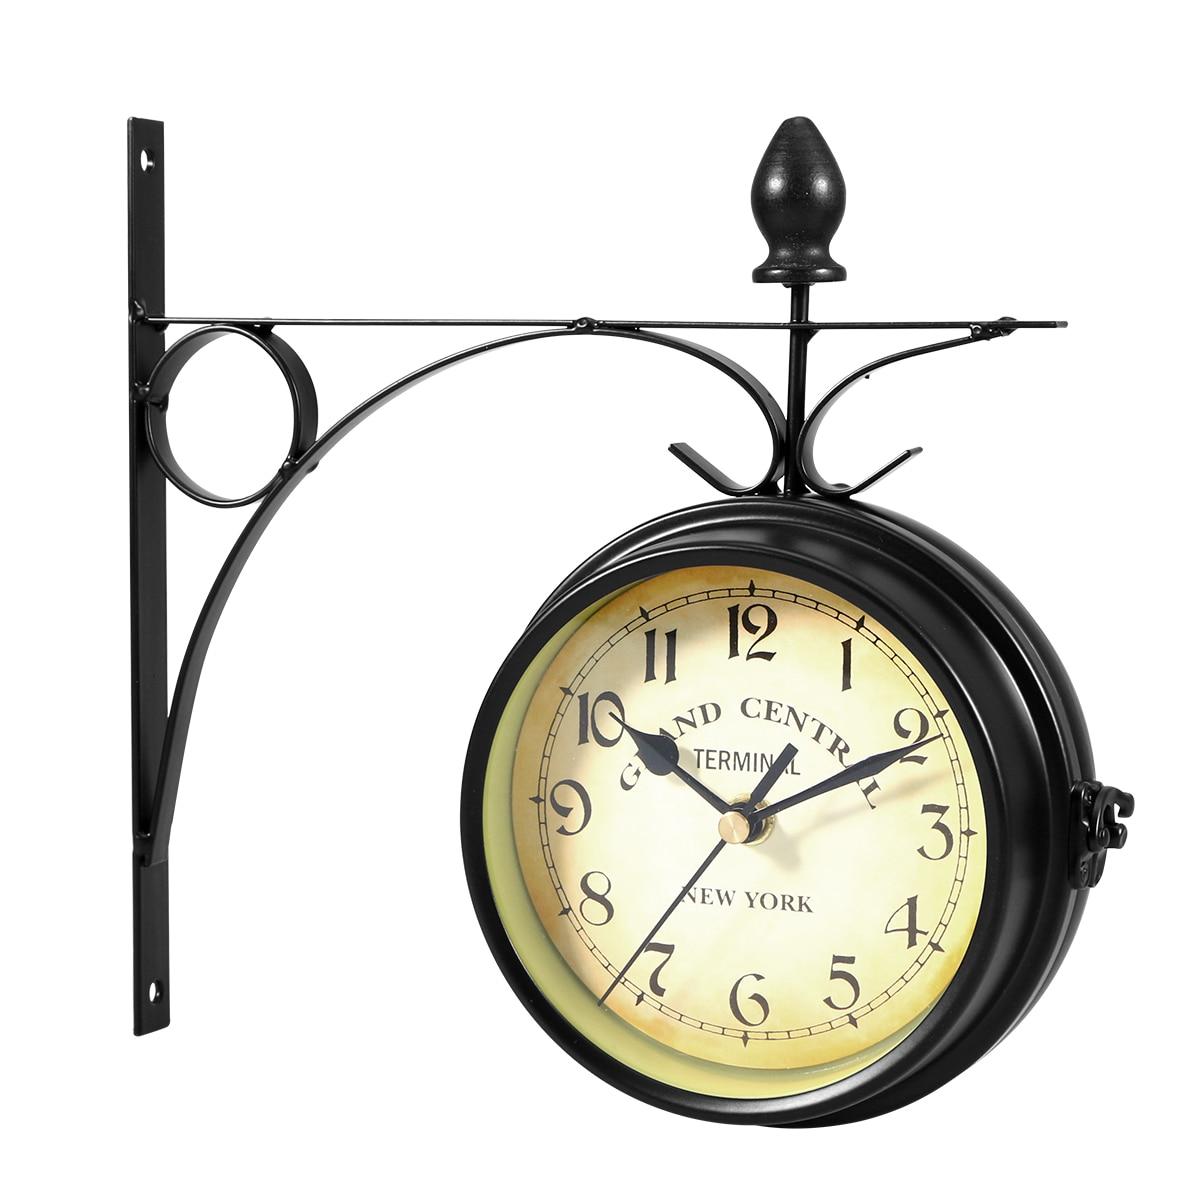 De style européen À double face Horloge Murale Creative Classique Horloges Monochrome